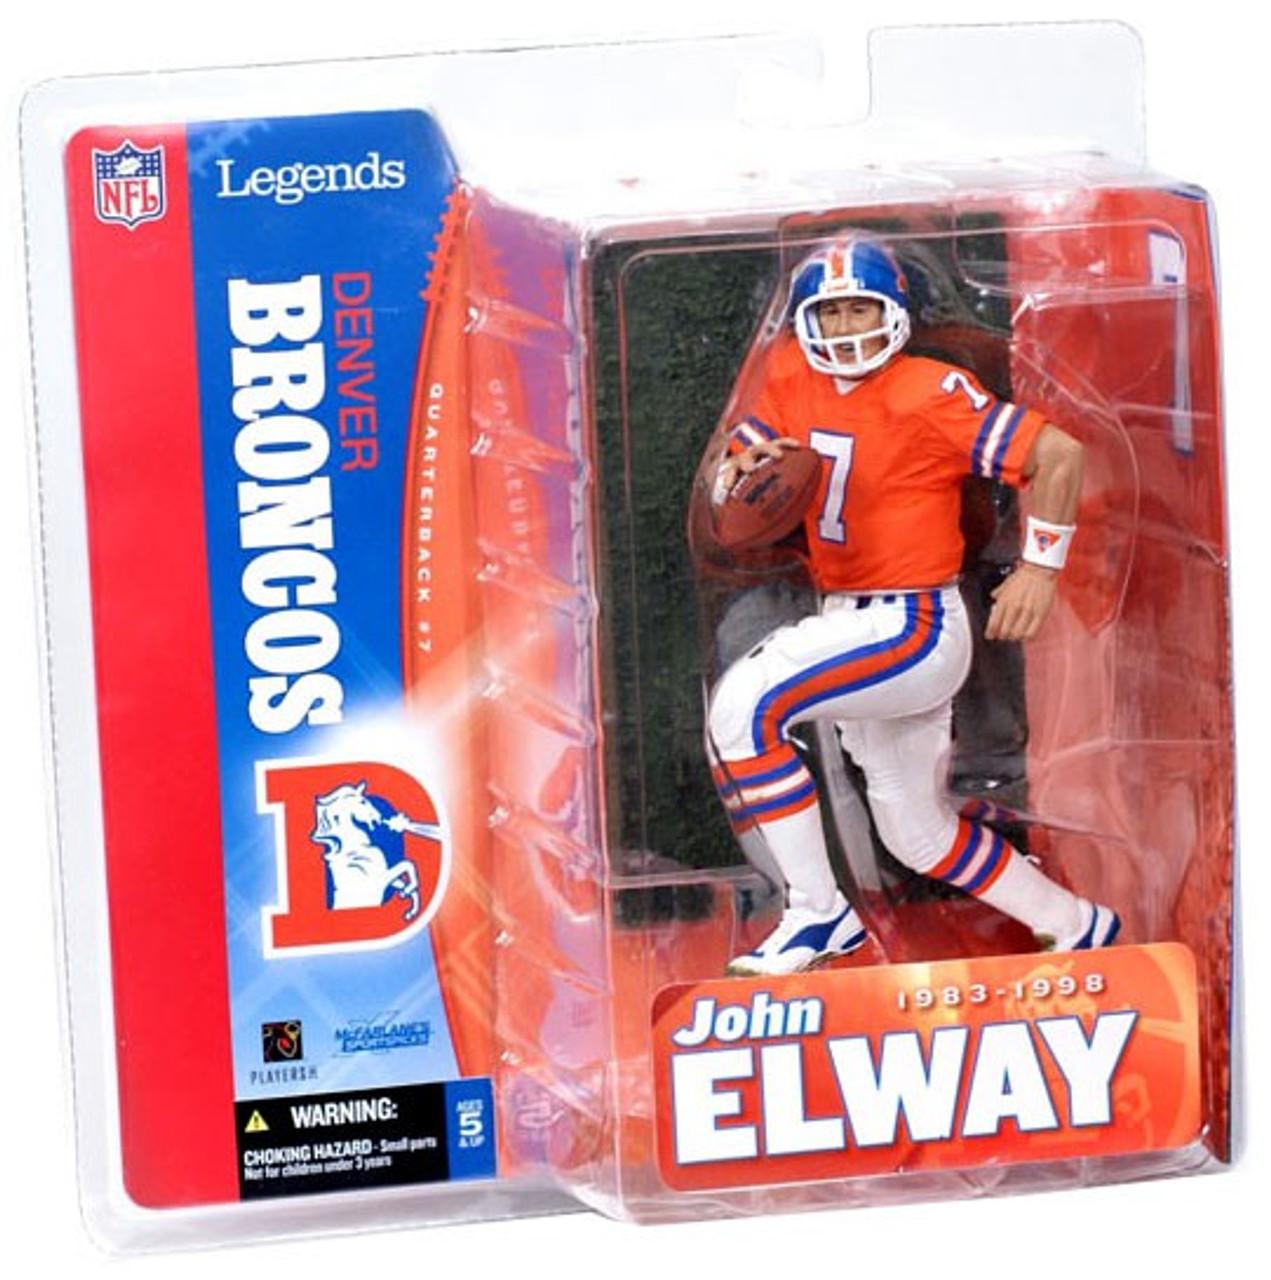 McFarlane Toys NFL Denver Broncos Sports Picks Legends Series 1 John Elway Action Figure [Orange Jersey]